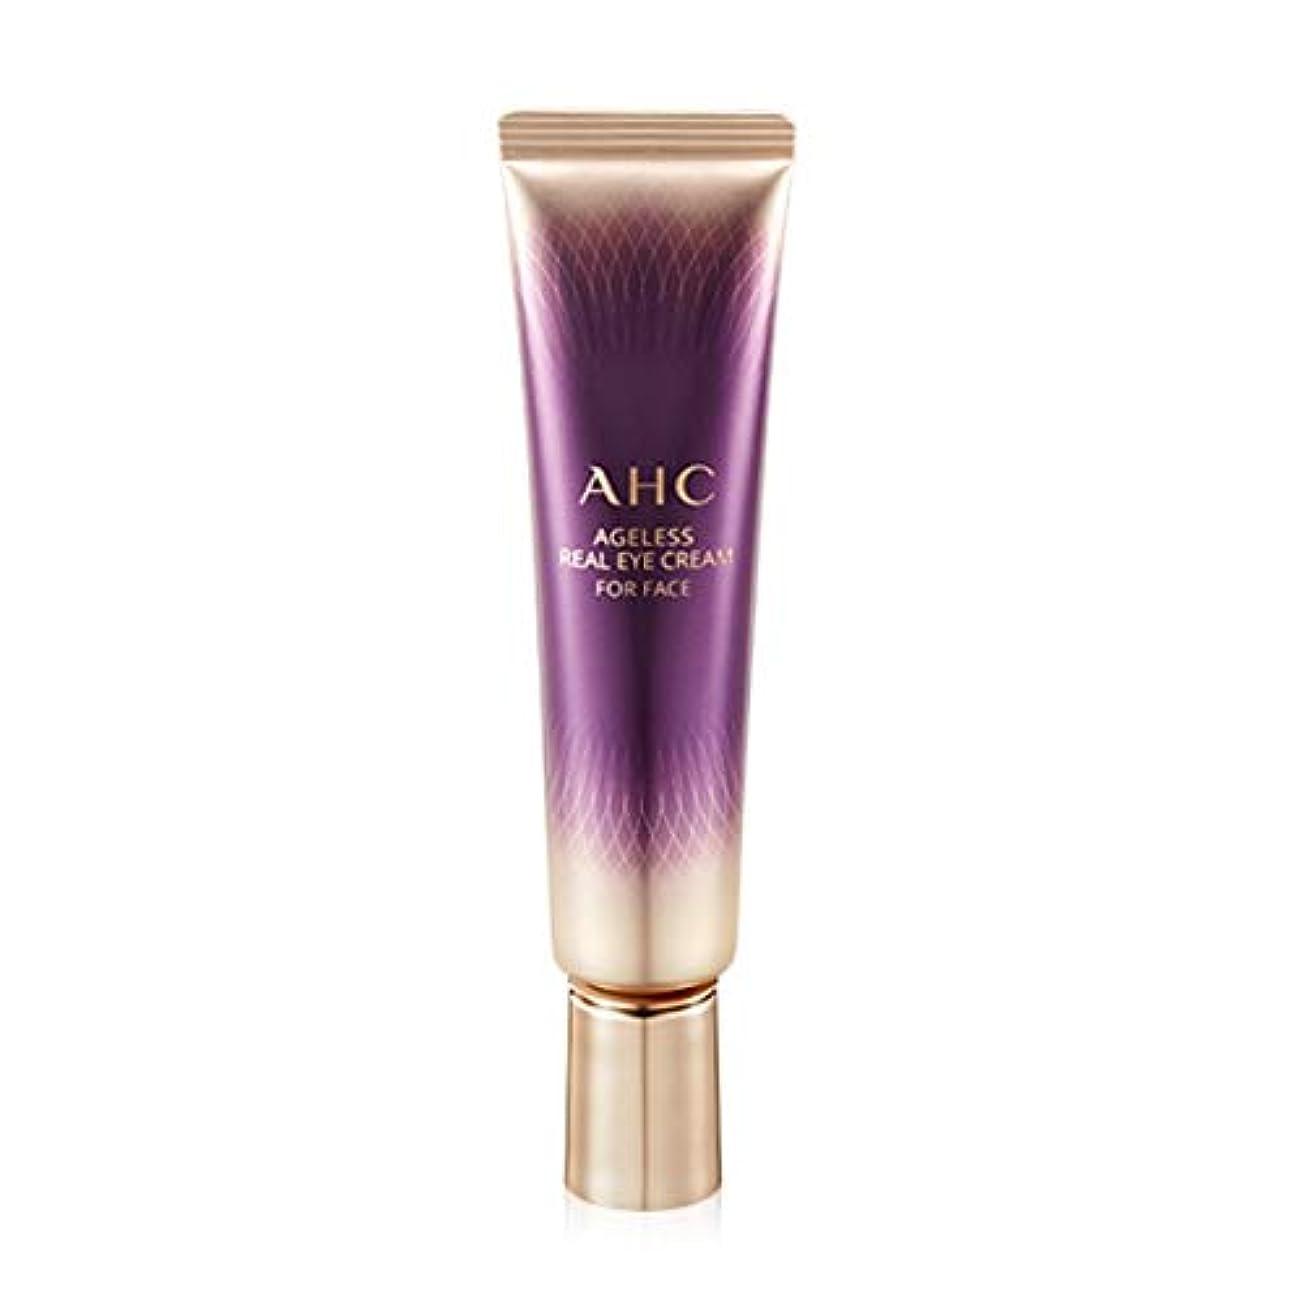 する必要がある物語免疫[New] AHC Ageless Real Eye Cream For Face Season 7 30ml / AHC エイジレス リアル アイクリーム フォーフェイス 30ml [並行輸入品]